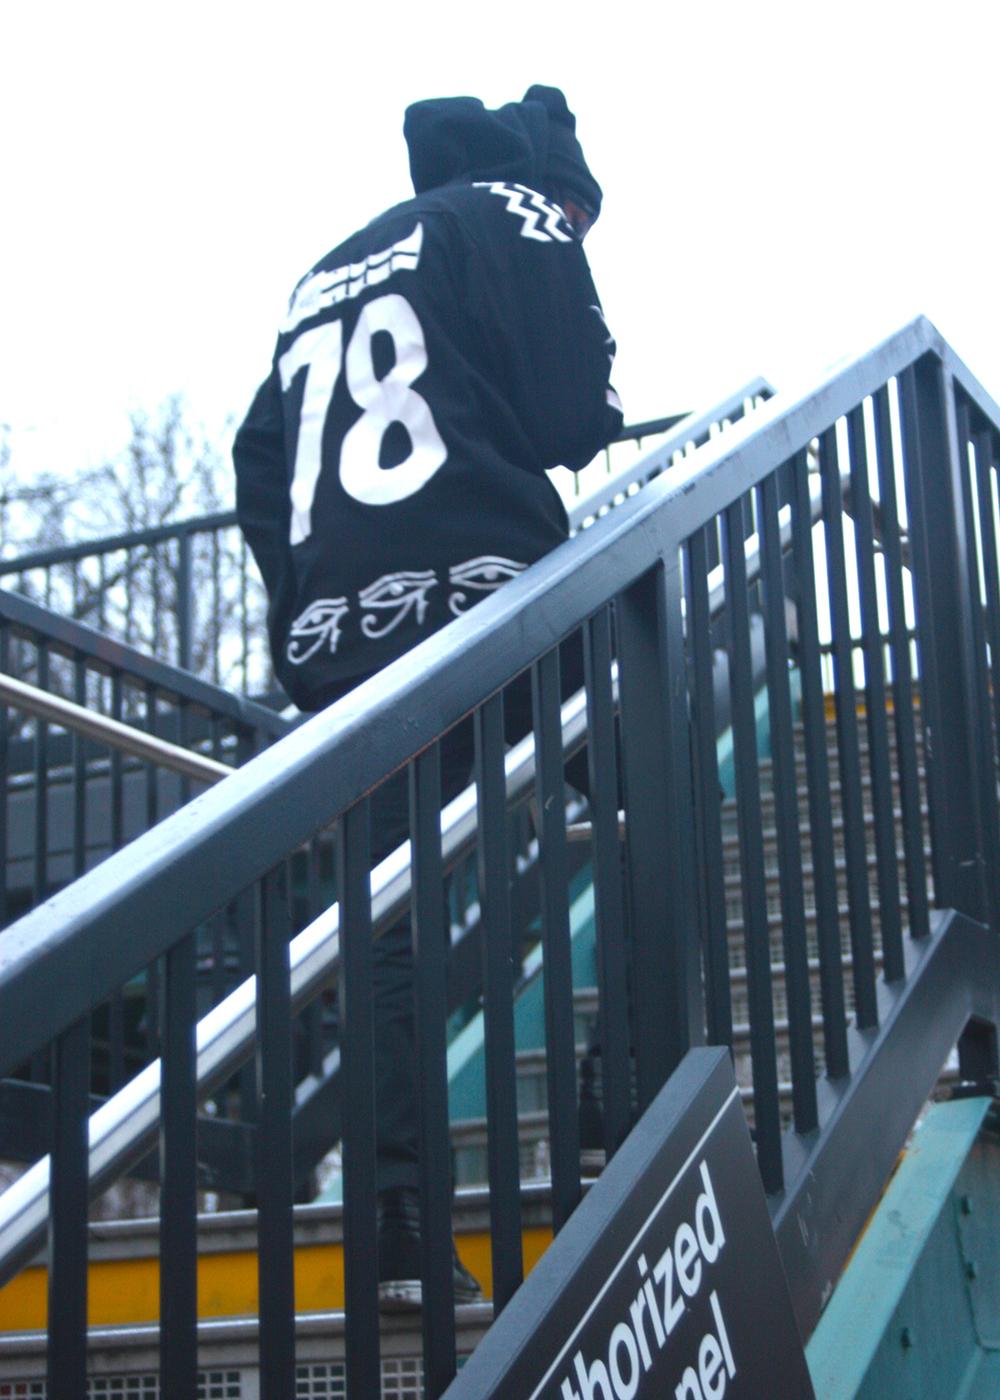 Nirvana (Mishka NYC  Men's Streetwear) Langston Black aka Lang$to Image 15